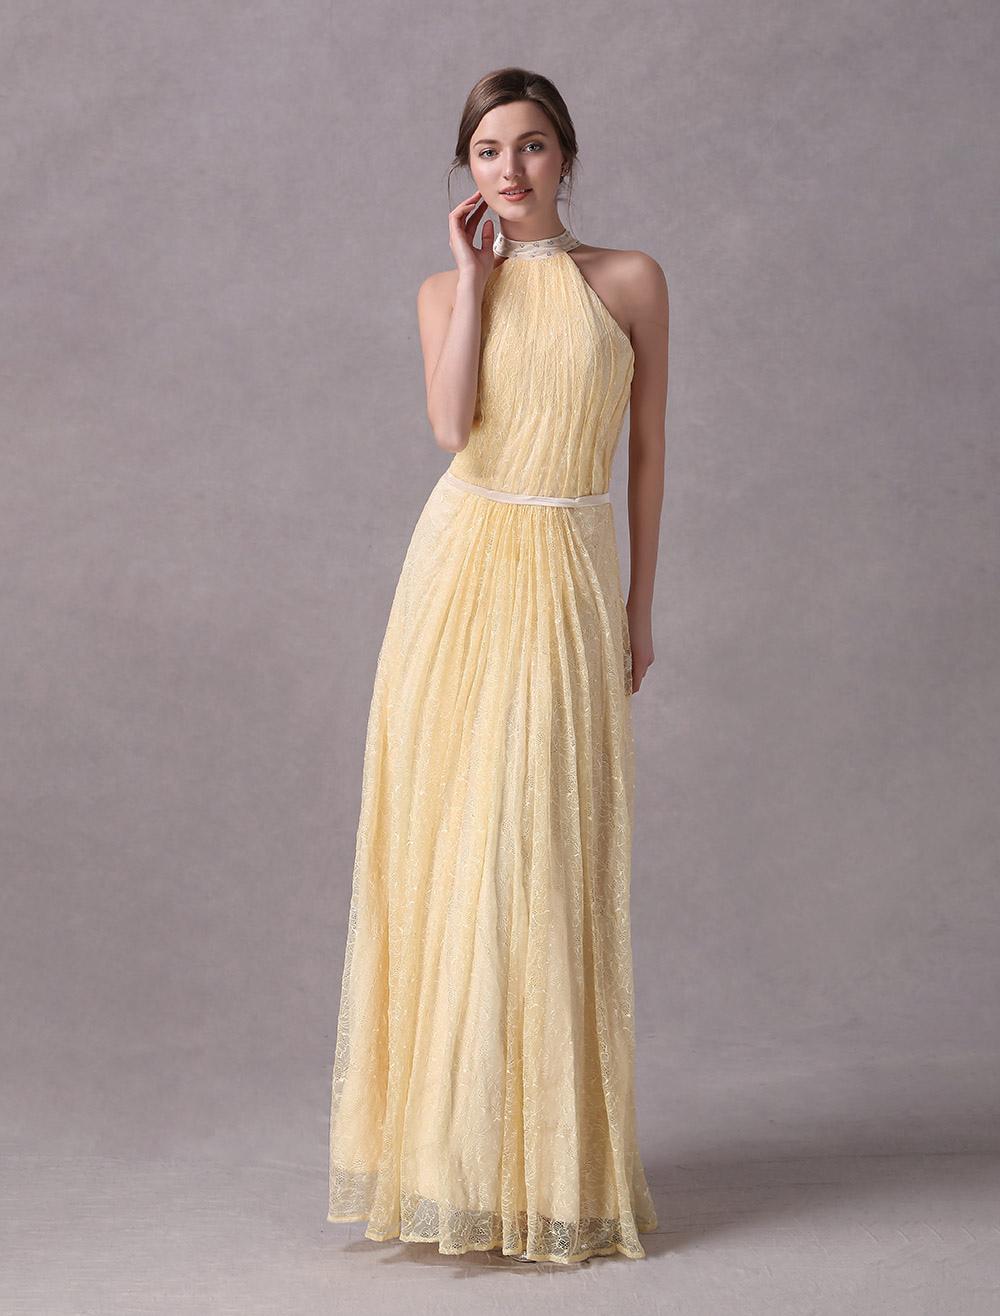 Abendkleid in narzissengelb - Milanoo abendkleider ...